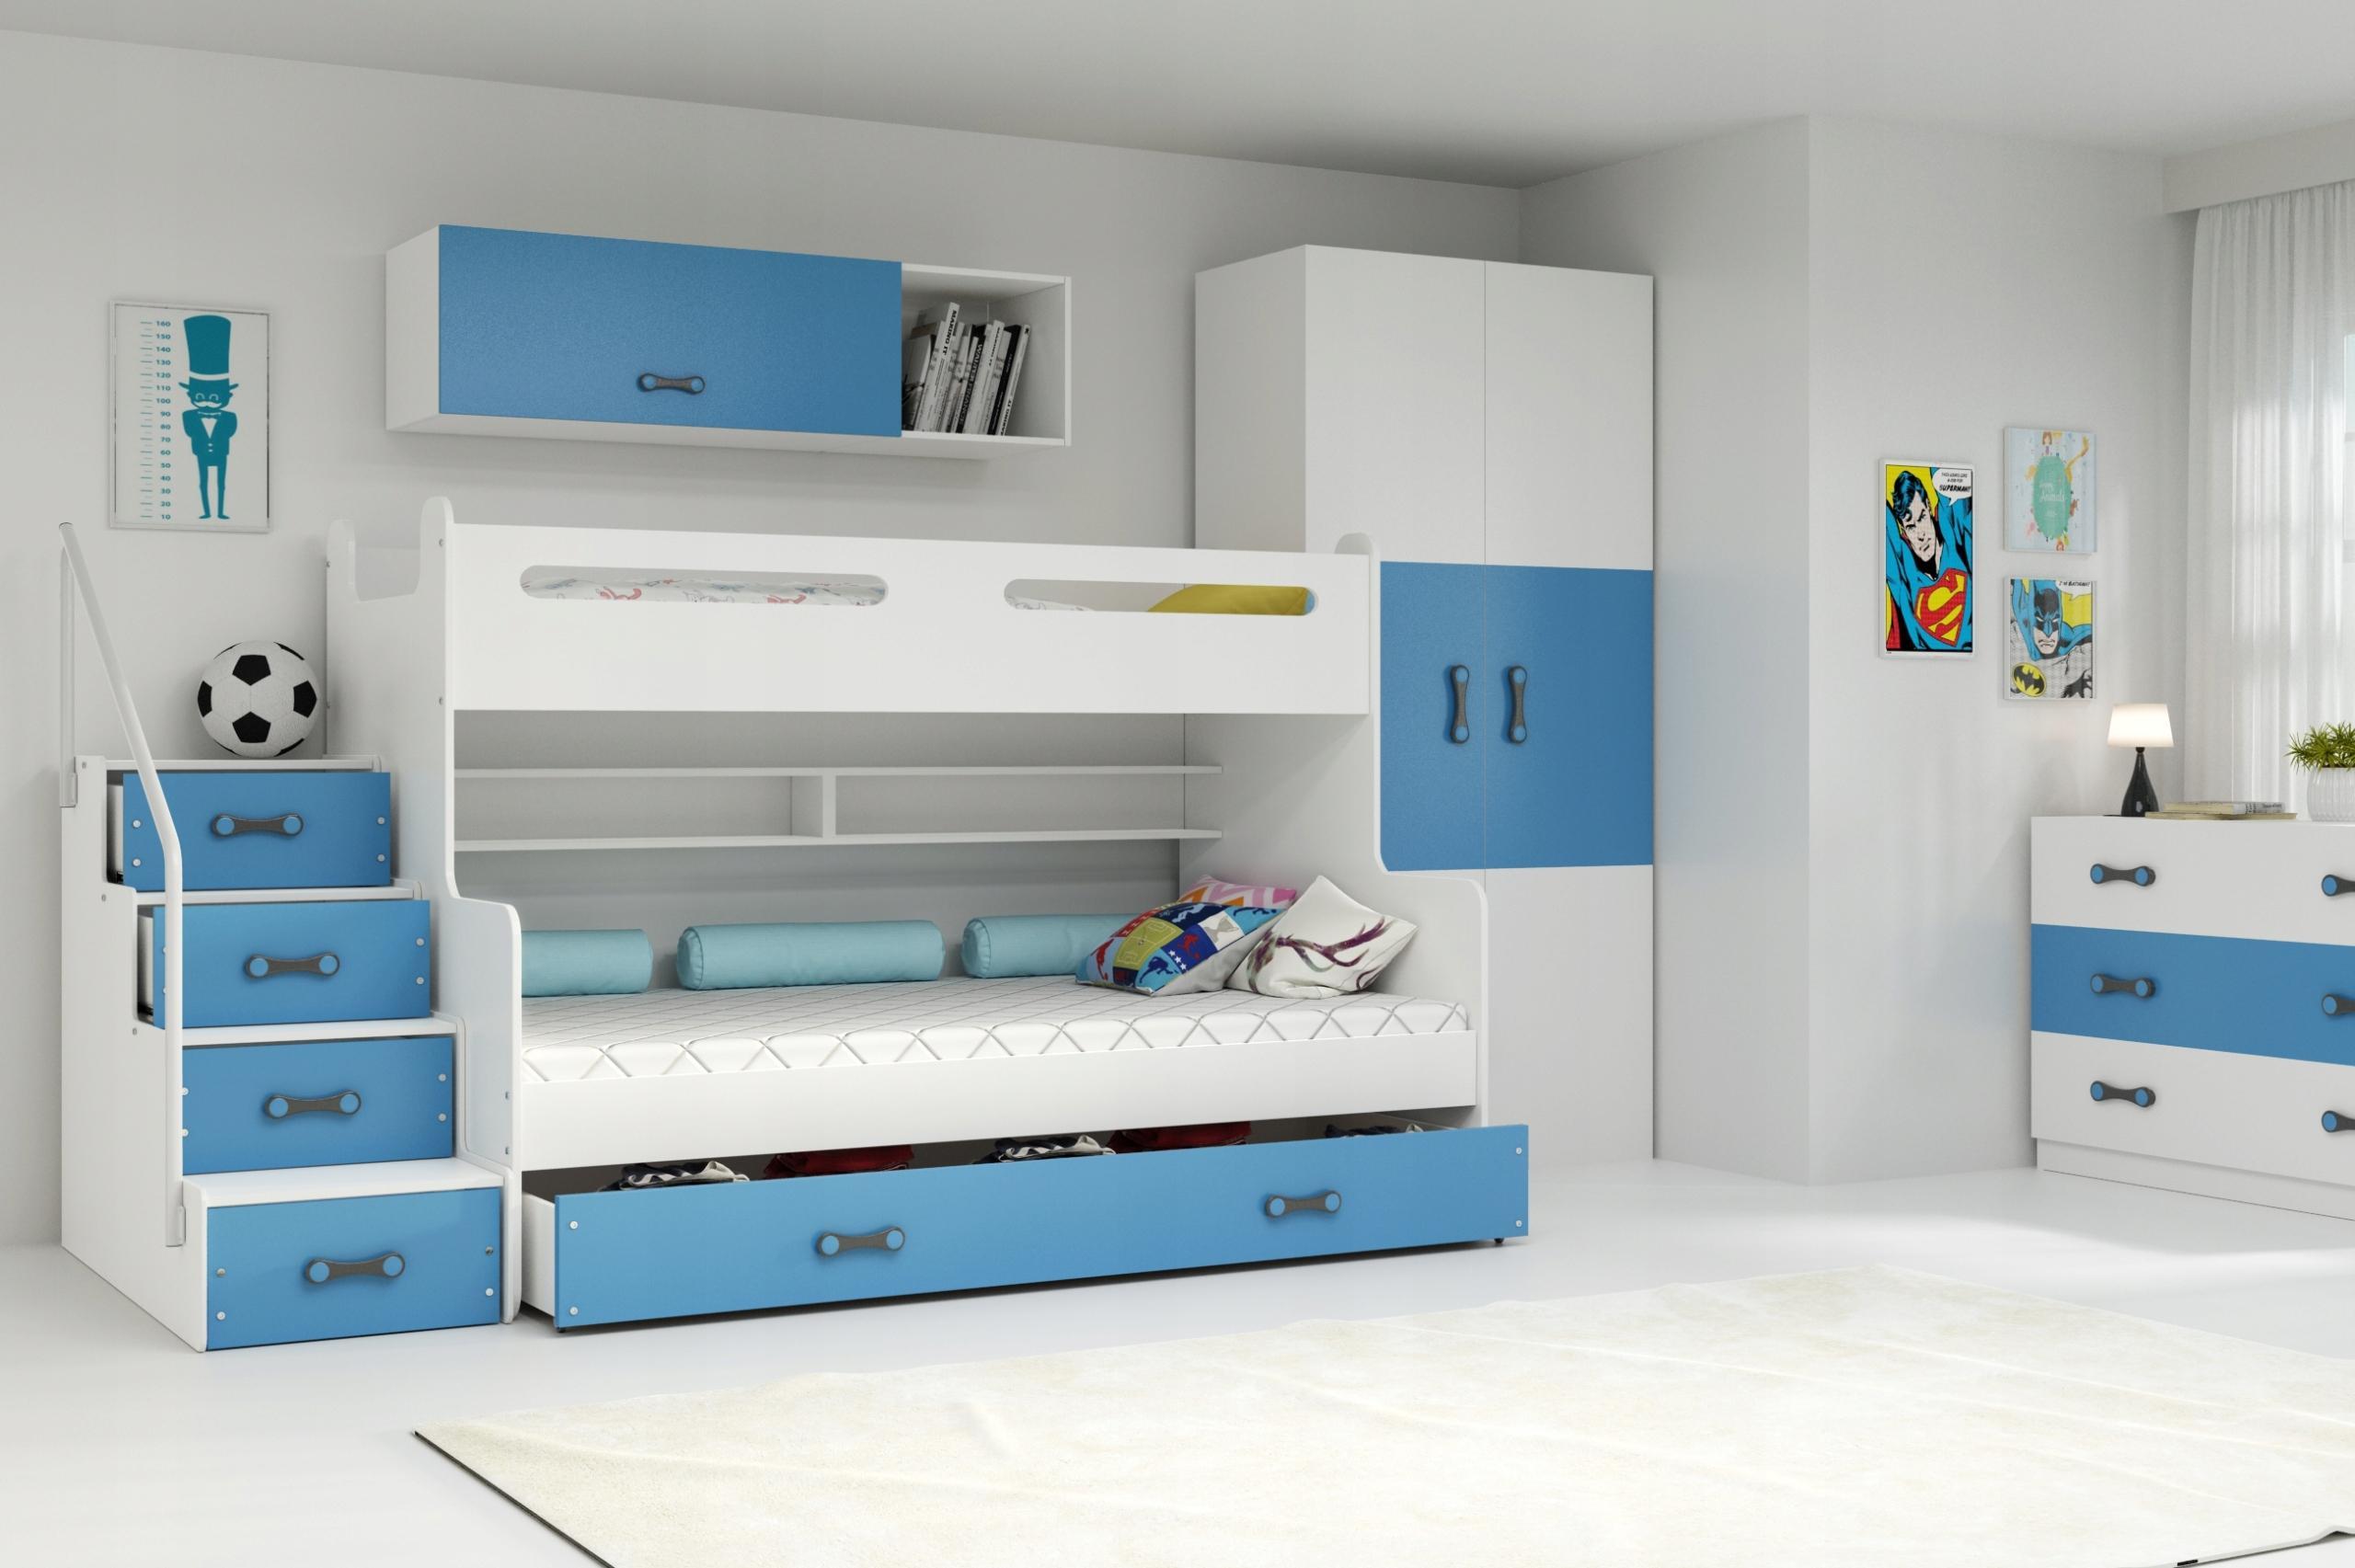 MAX 3 - Poschodová posteľ rozšírená - 200x120cm - Biely - Modrý